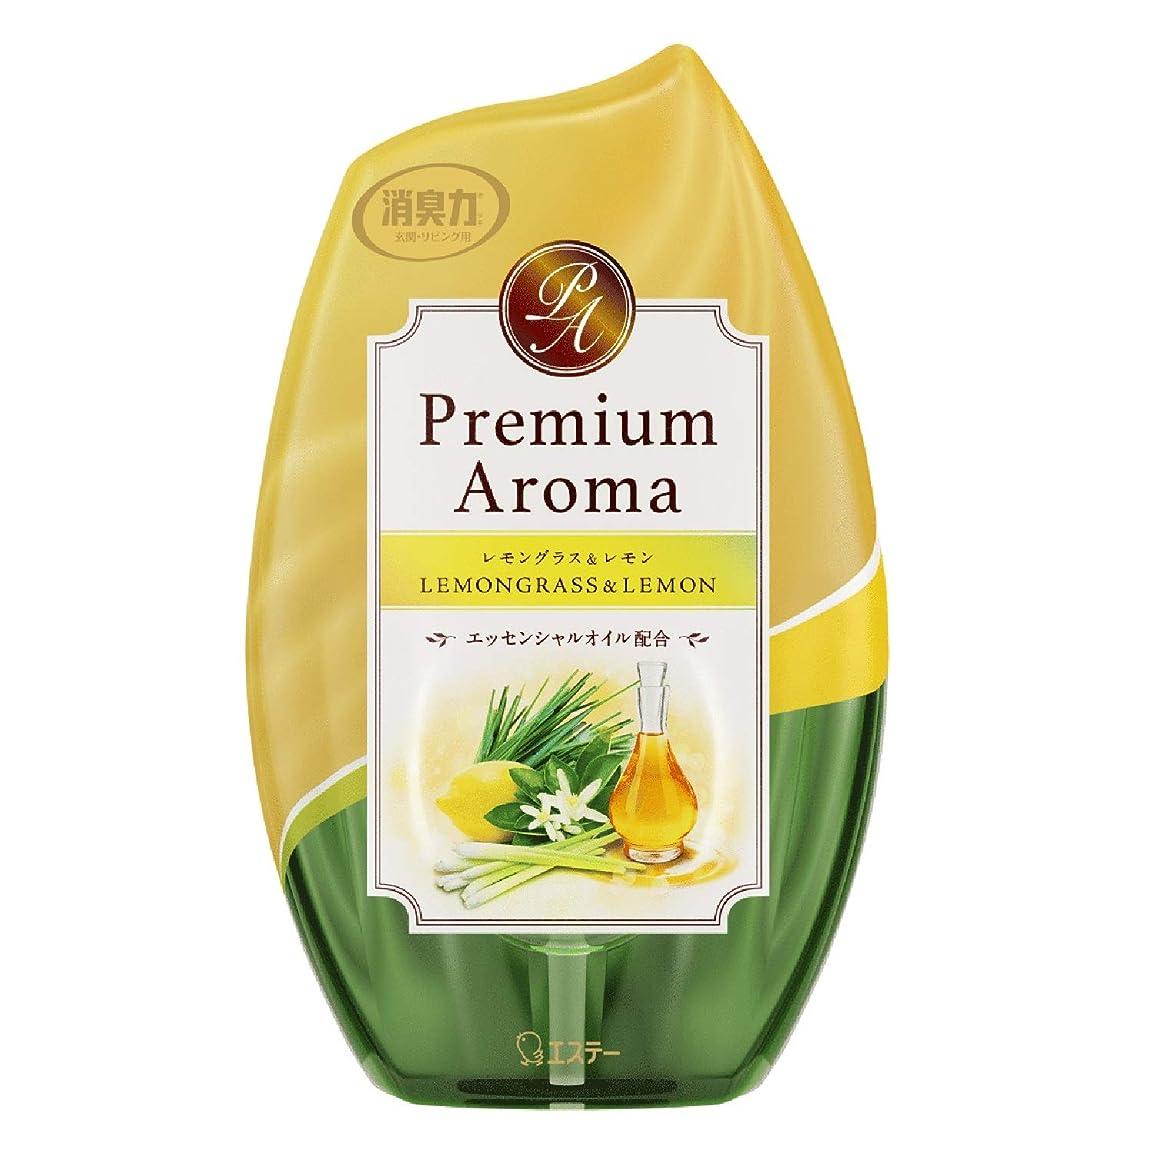 滑り台肖像画ピックお部屋の消臭力 Premium Aroma プレミアムアロマ 消臭芳香剤 玄関?部屋用 レモングラス&レモン 400mL